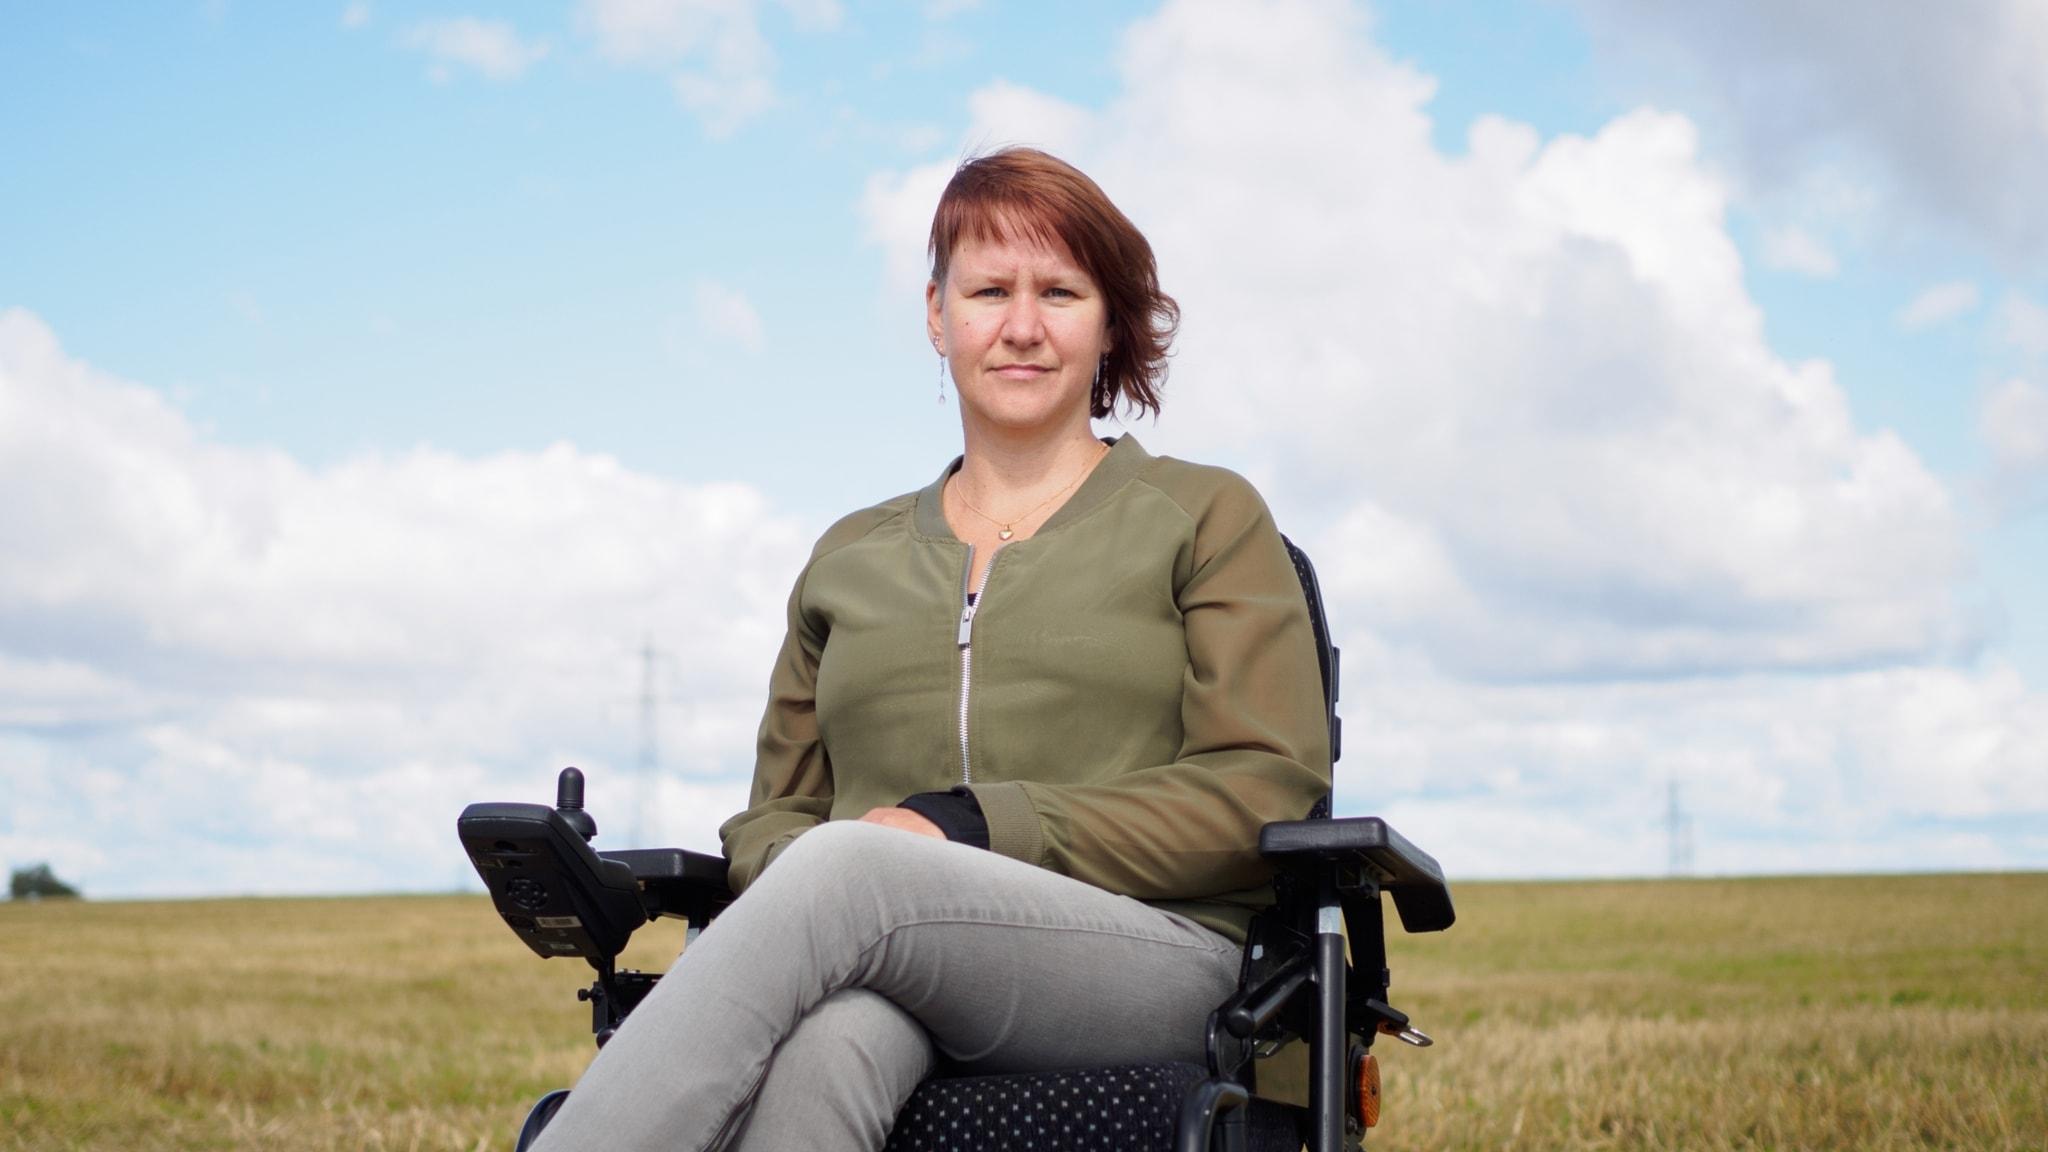 Madelen Löw startade startade organisationen We Rise Again för att stötta andra med funktionsnedsättning som utsatts för övergrepp. Madelen i sin permobil framför ett sädesfält med blå himmel och moln i bakgrunden.